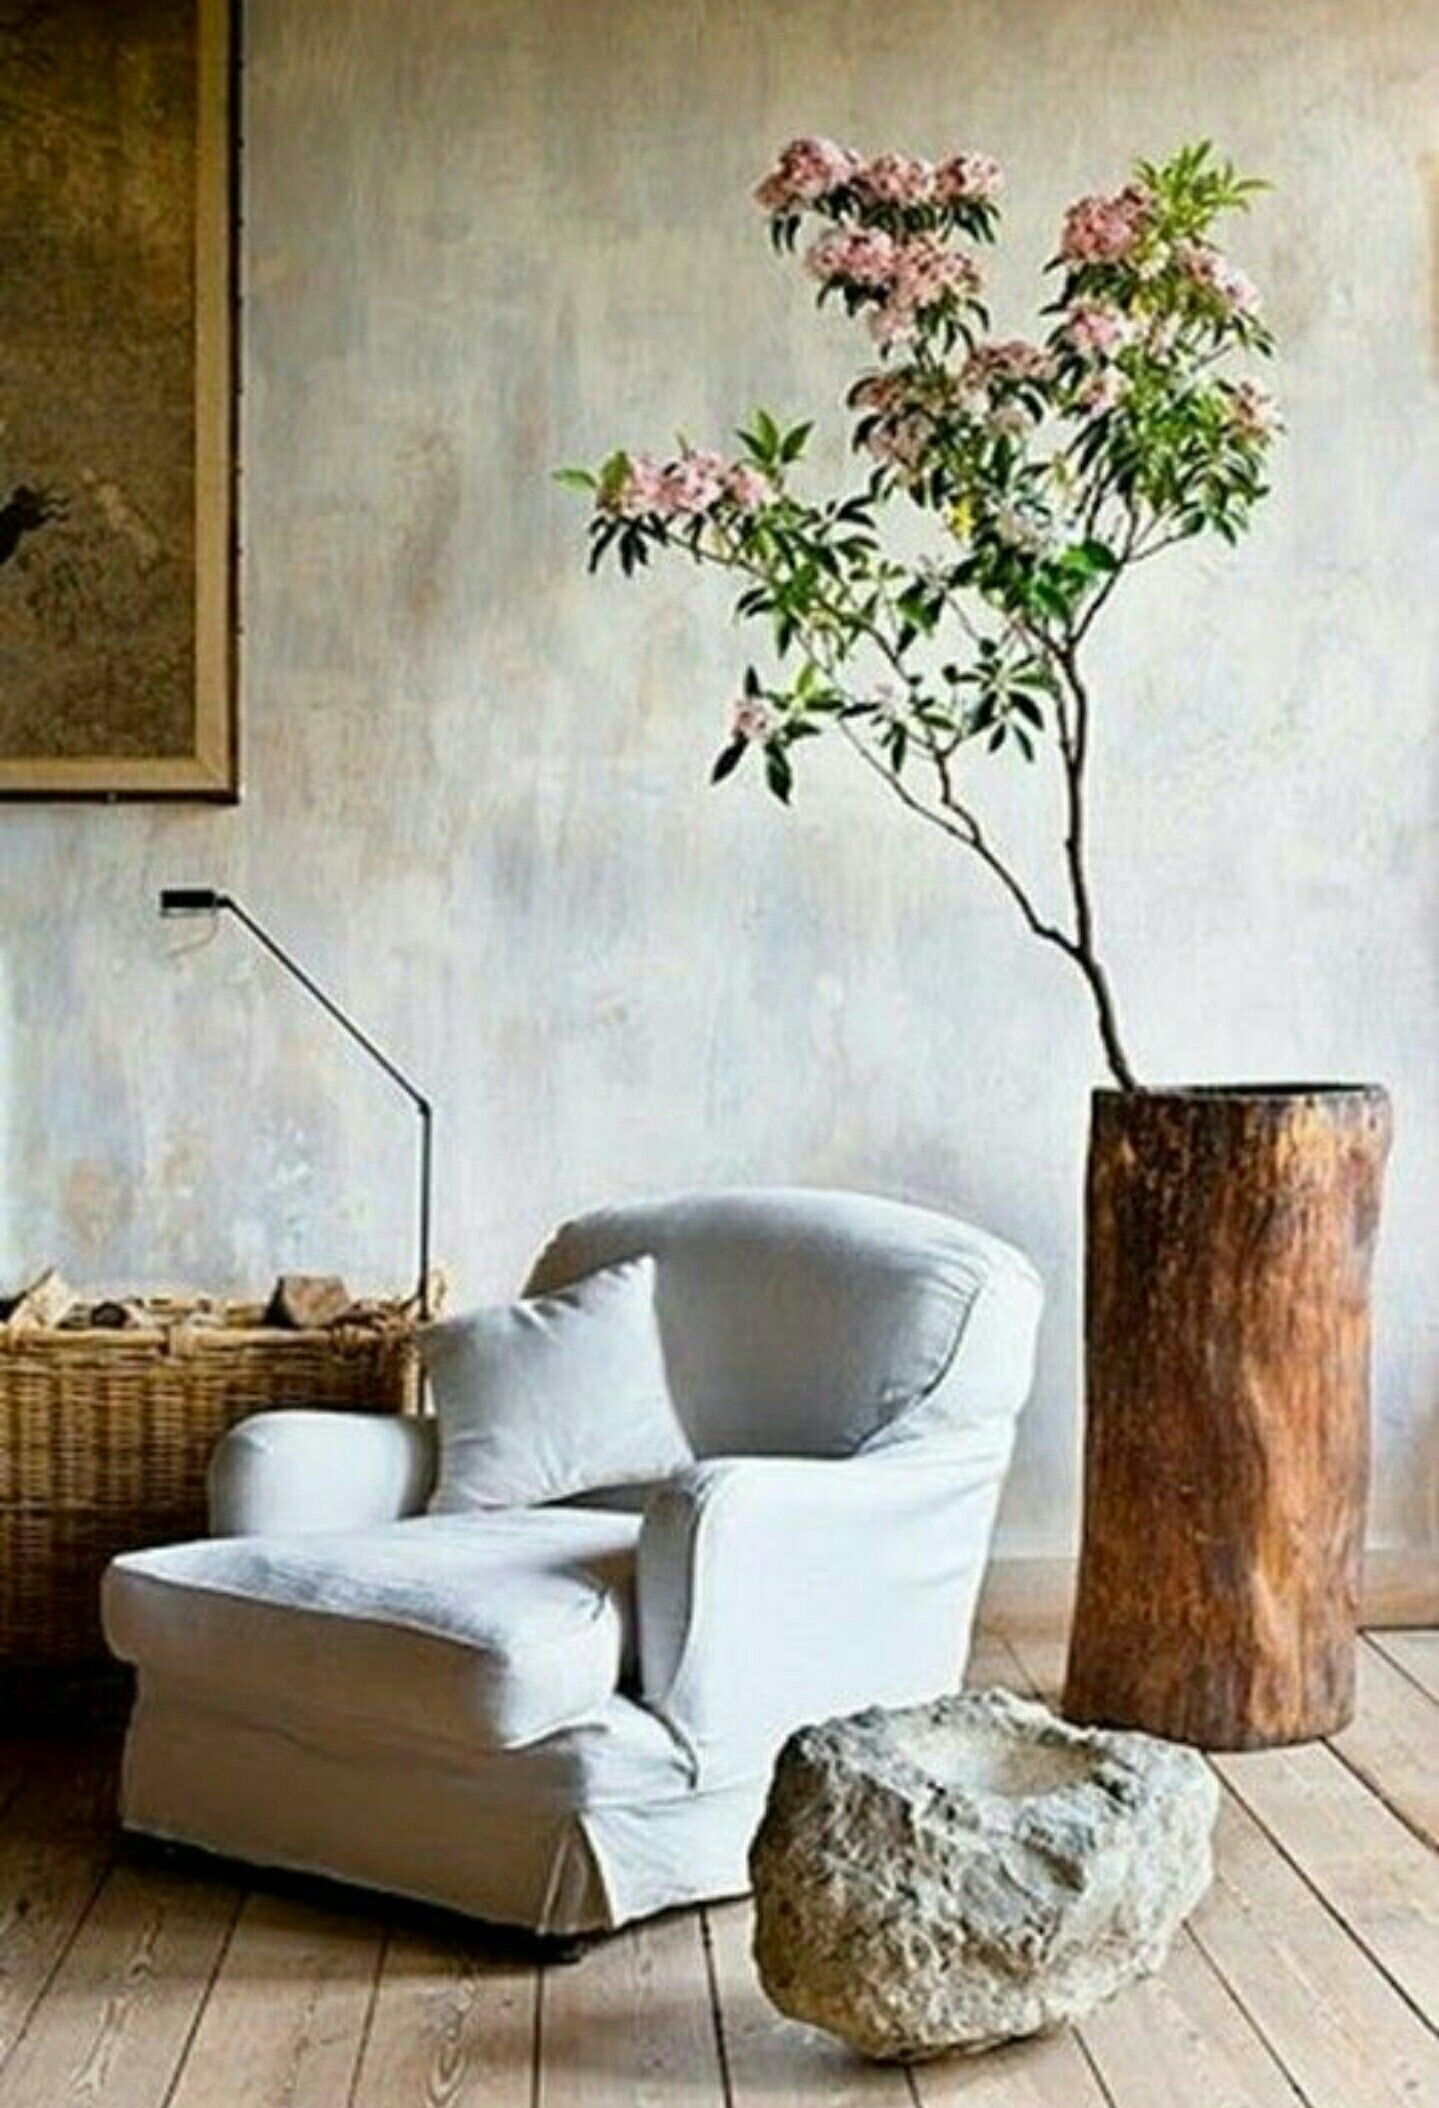 Wabi sabi diseño de interior. | 7 DECORACIÓN- CASA- INTERIORES ...